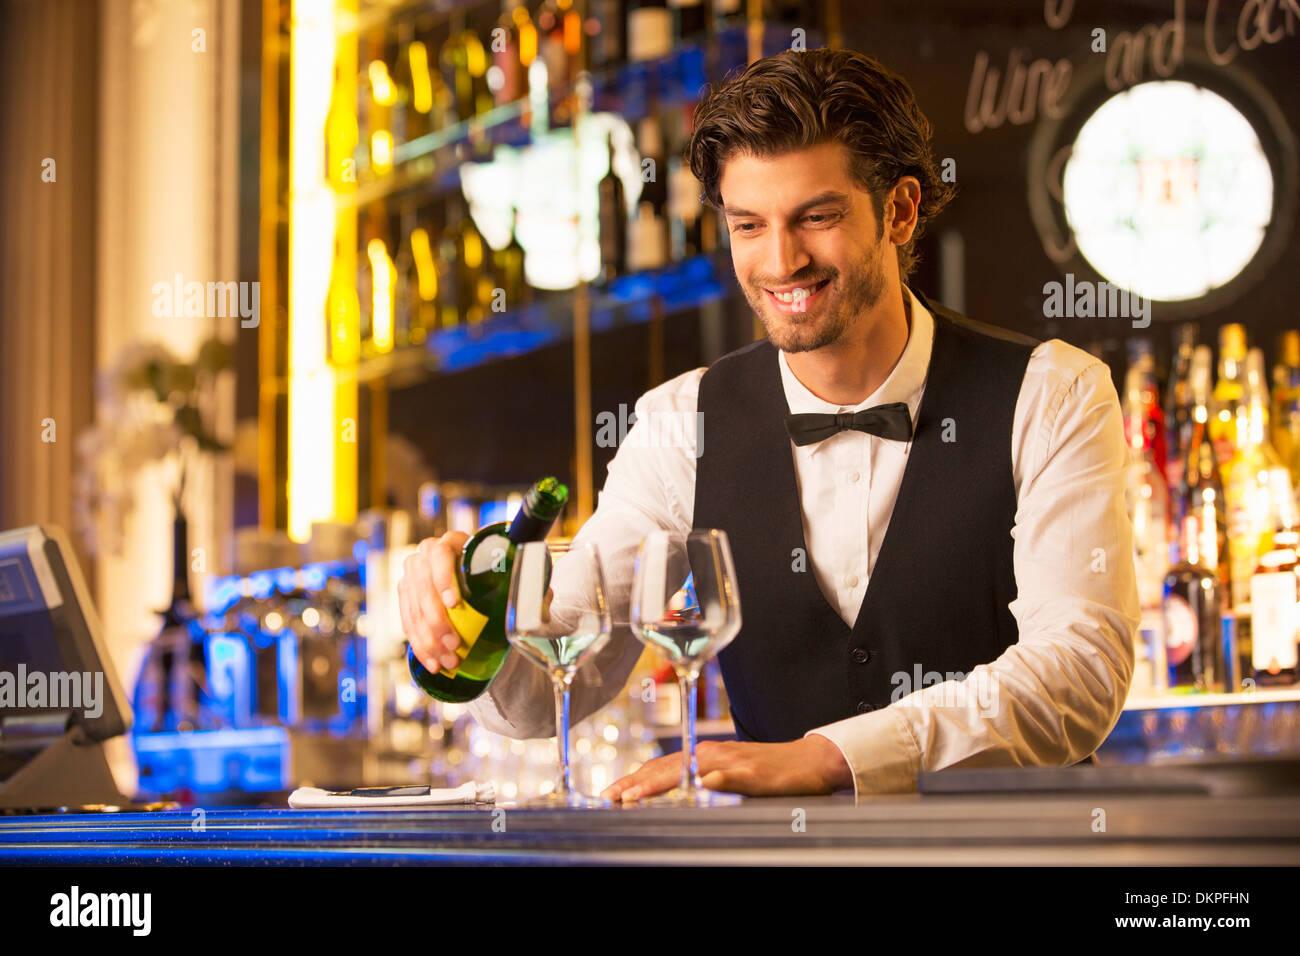 Gut gekleidete Barkeeper gießt Wein Stockbild